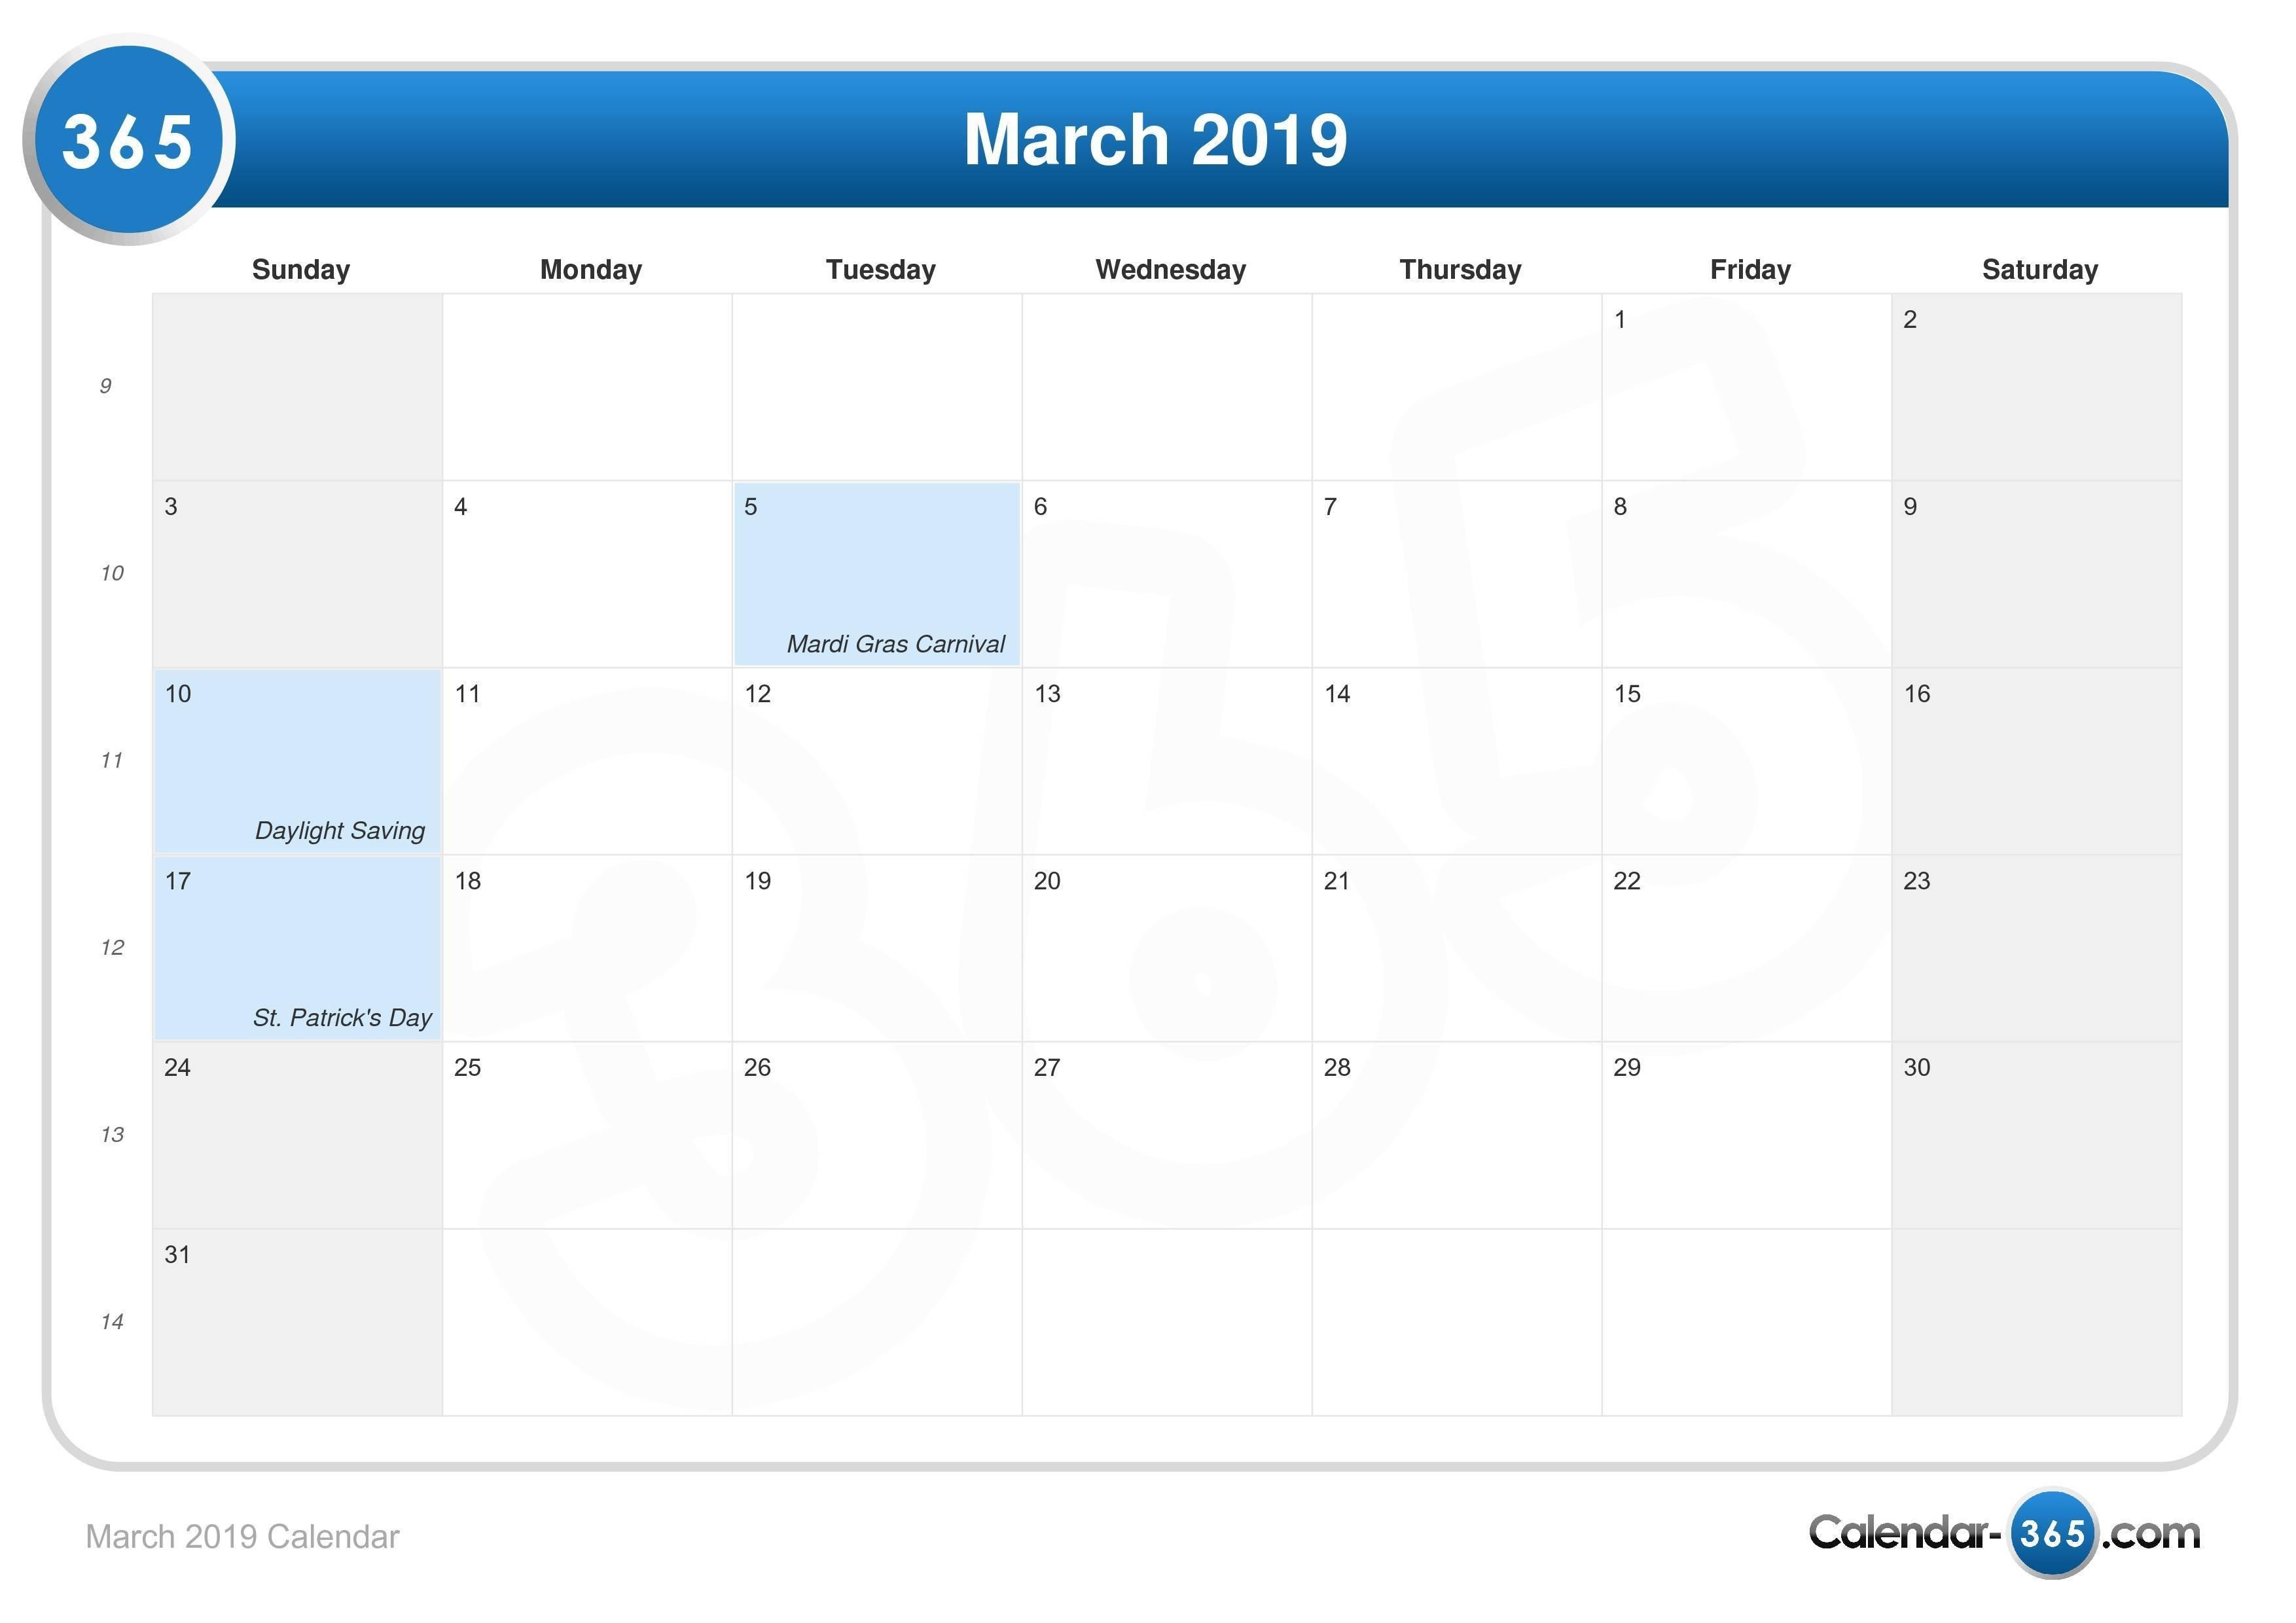 March 2019 Calendar March 9 2019 Calendar